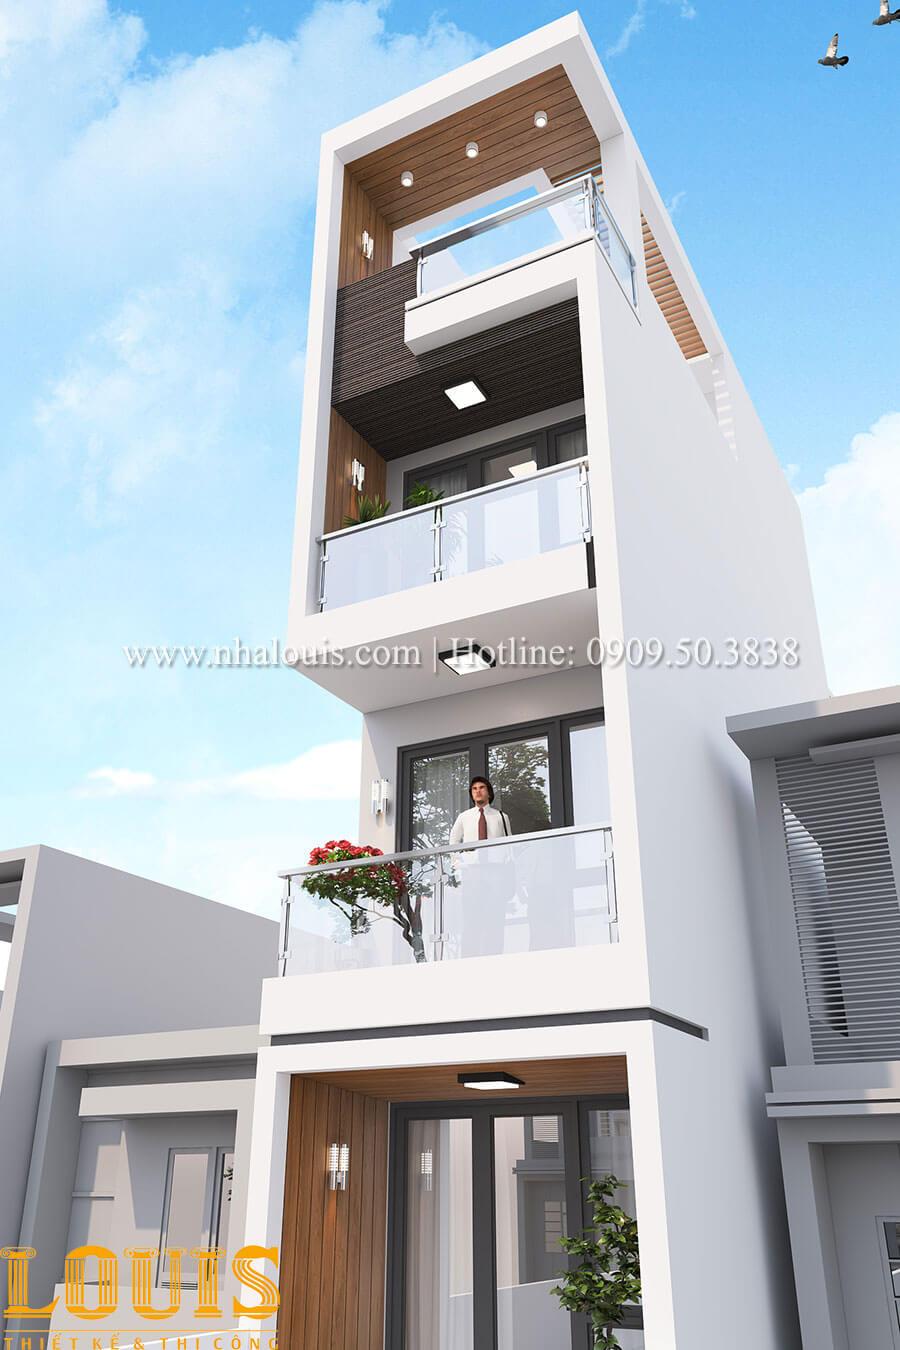 Mặt tiền Mẫu nhà 5 tầng đẹp hiện đại với thiết kế tối giản tại Tân Bình - 06